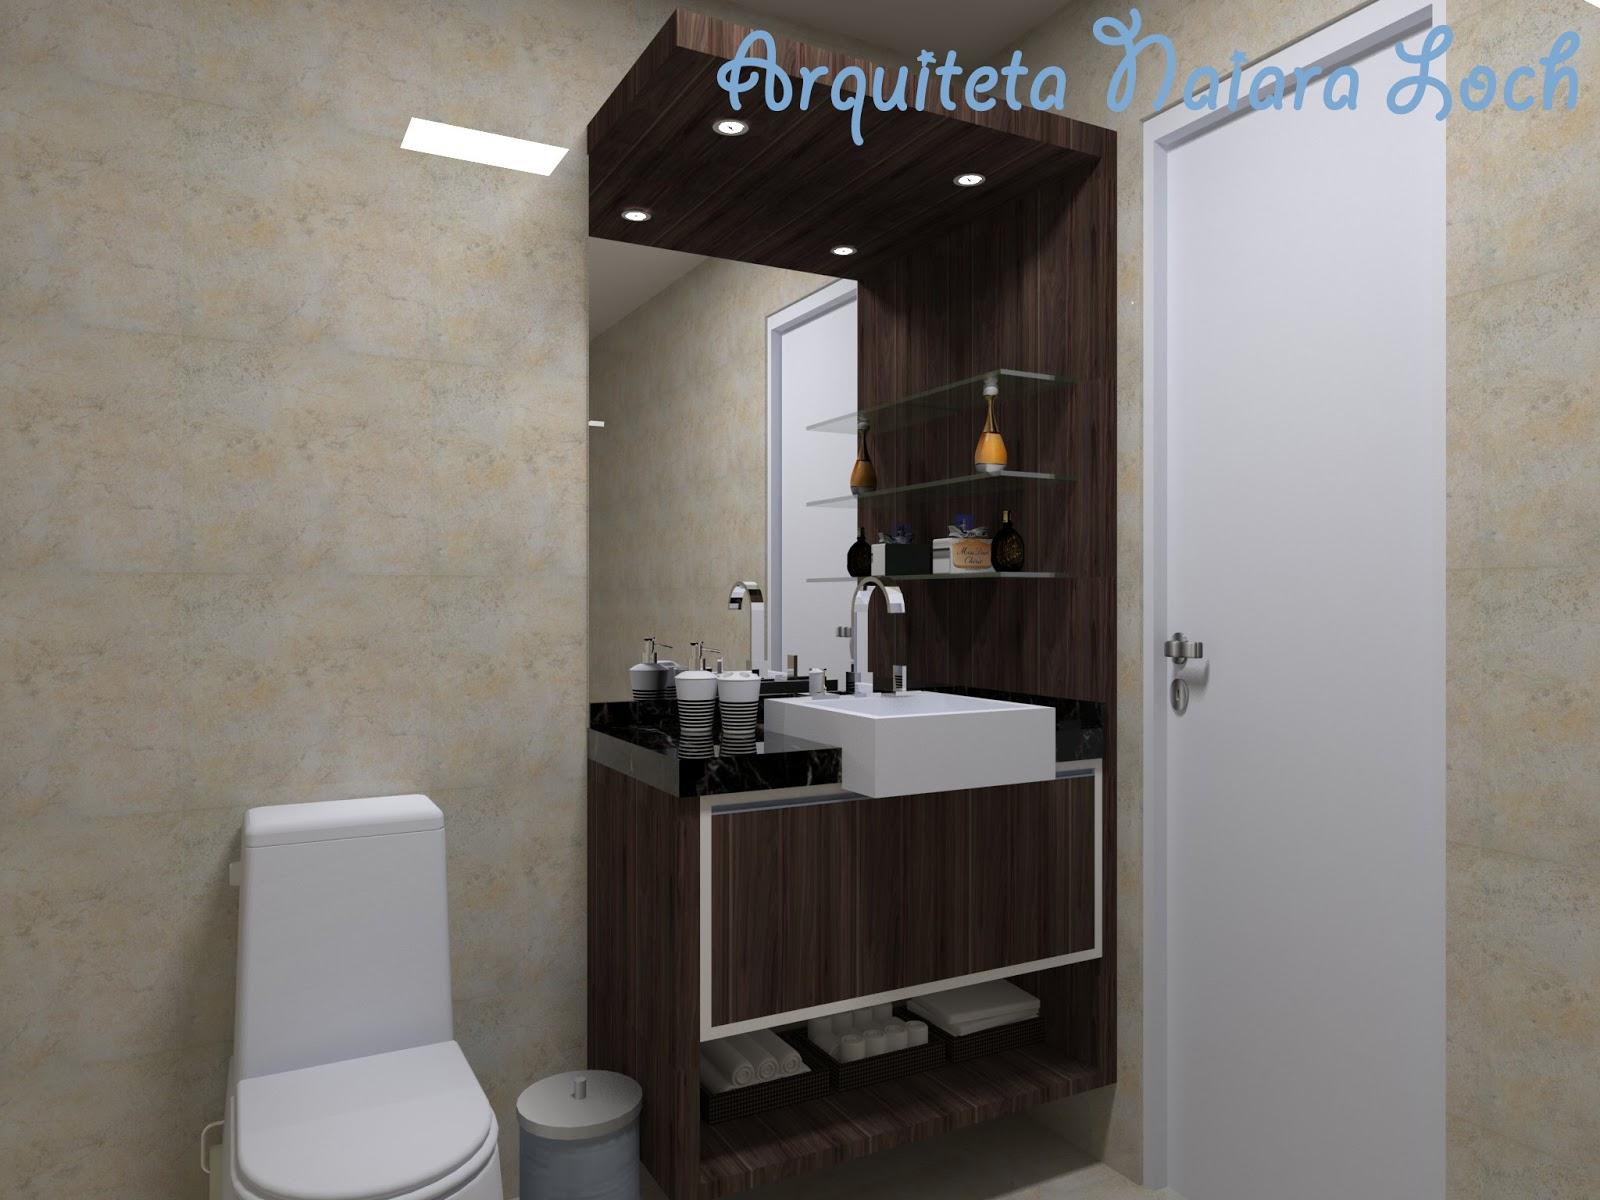 Banheiro social com iluminação superior vidros para apoiar perfumes  #3A6691 1600x1200 Armario Banheiro Superior